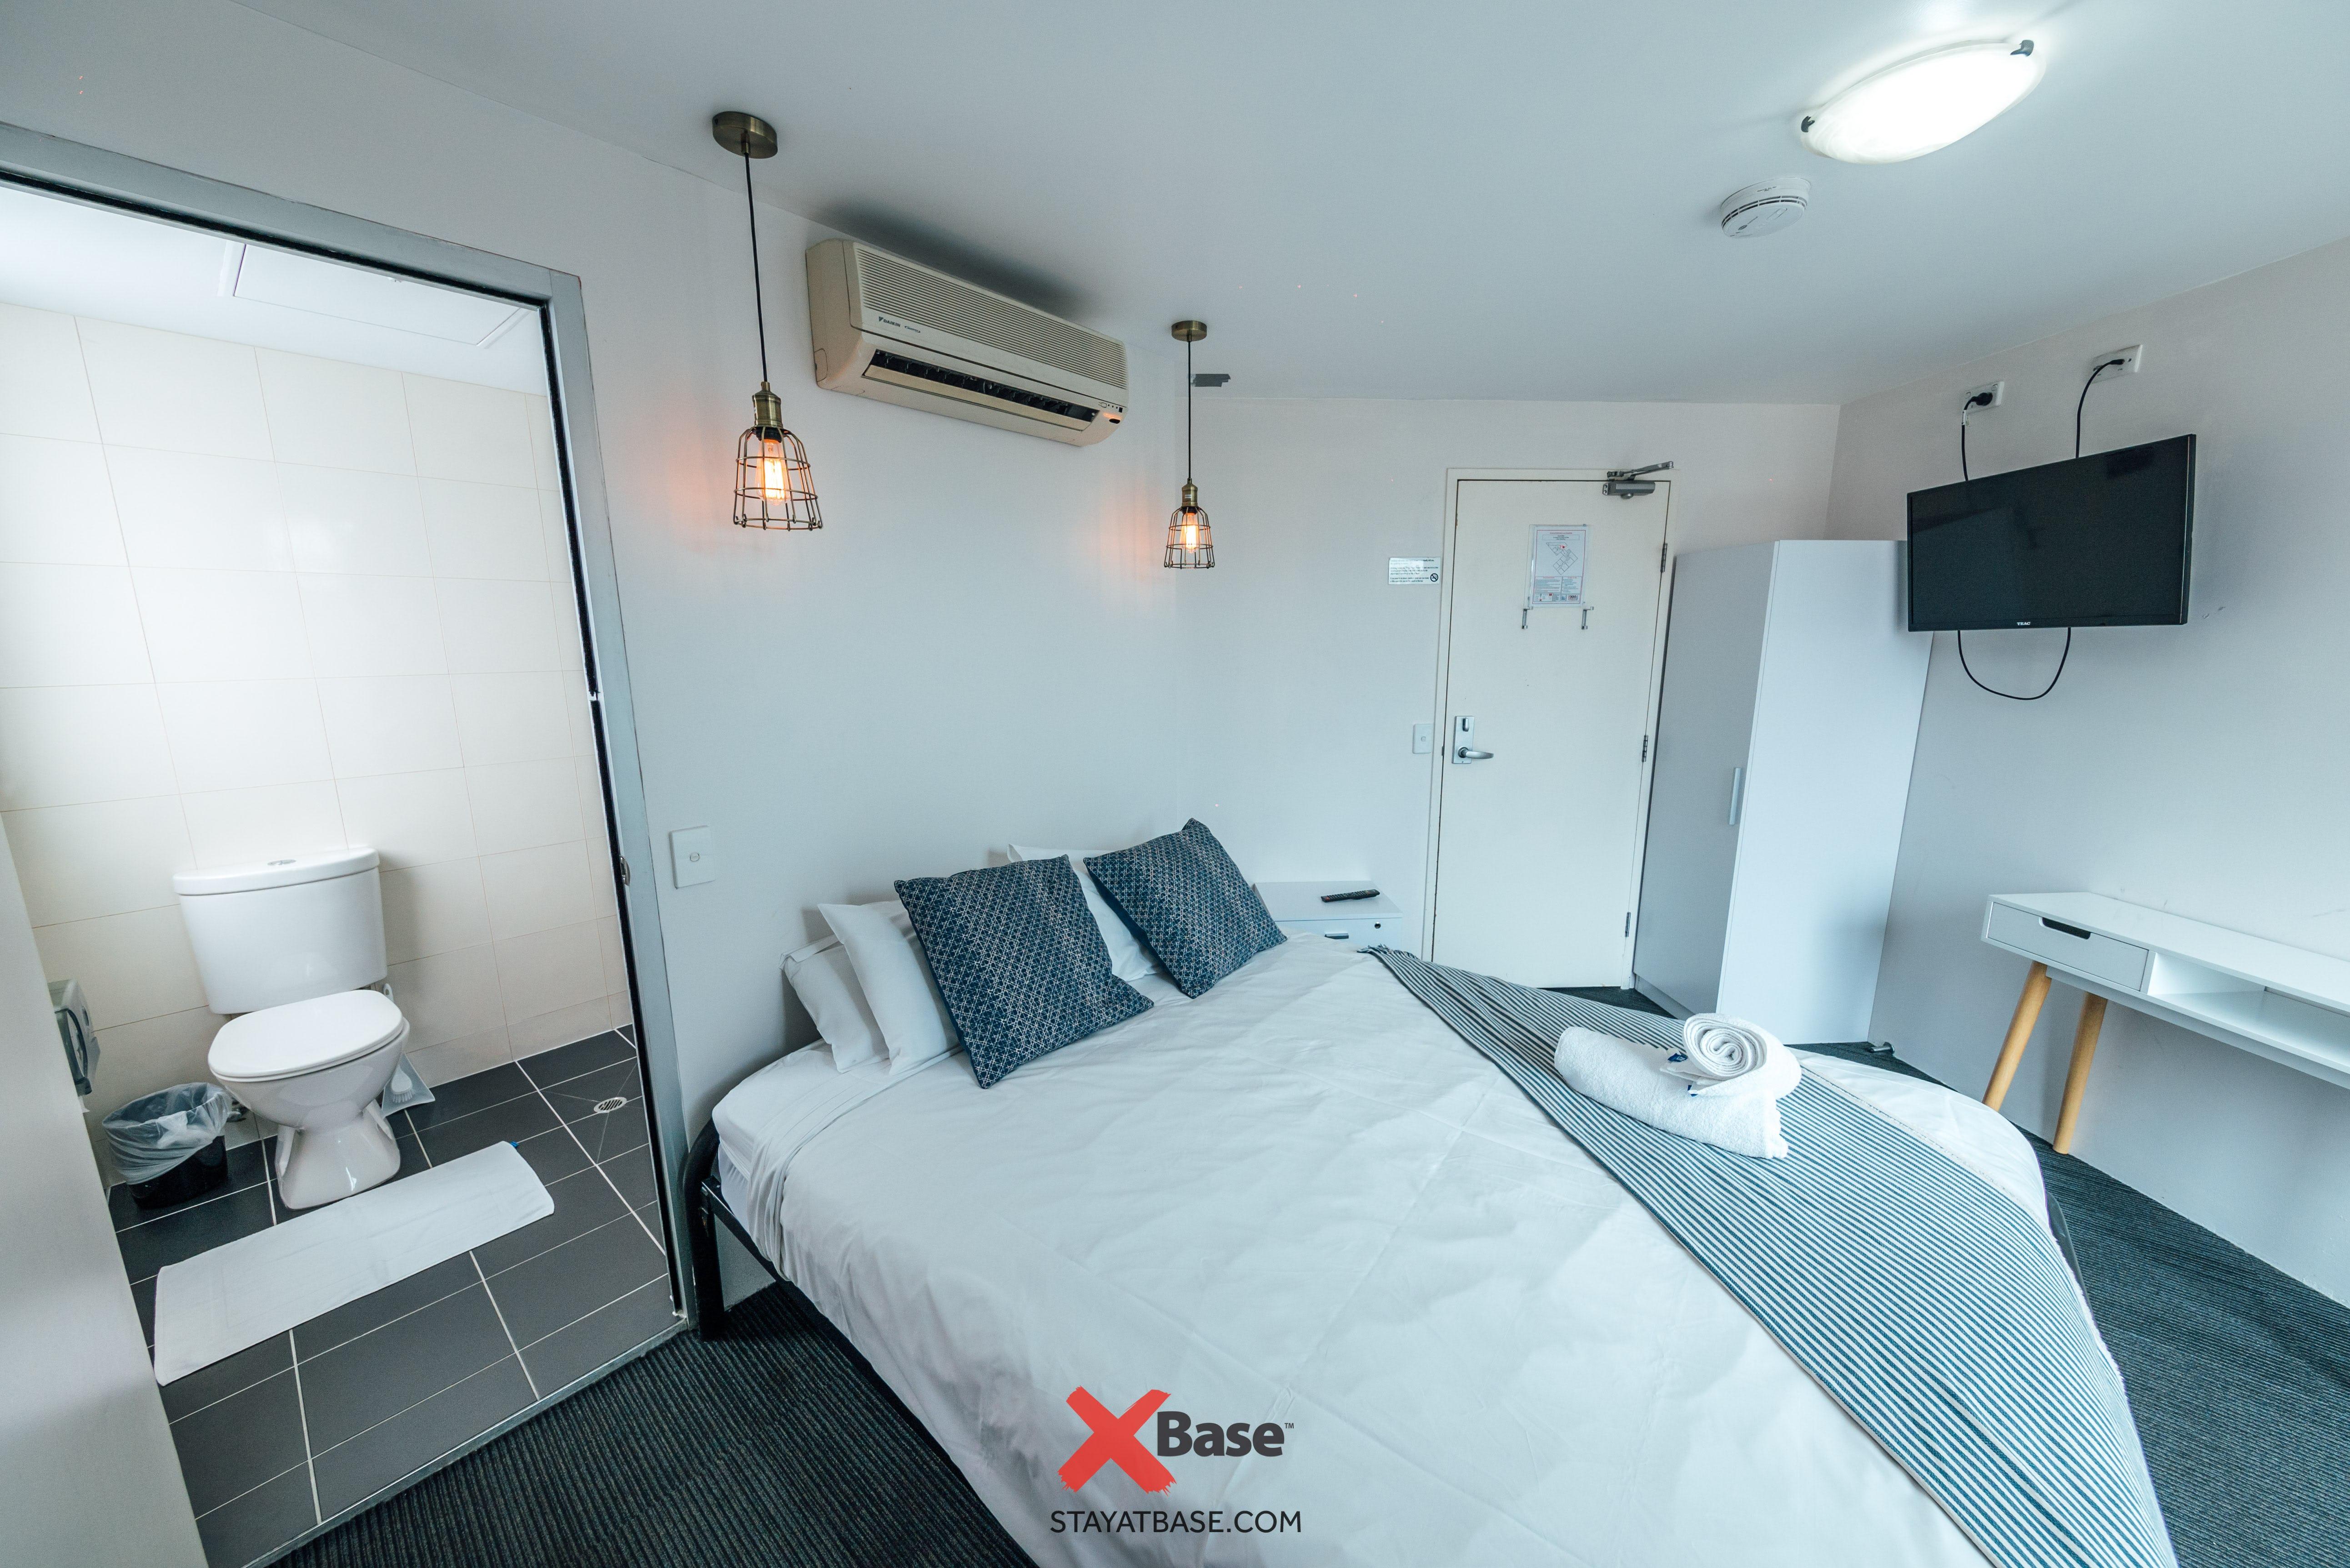 Base墨尔本背包客旅馆的私人套房